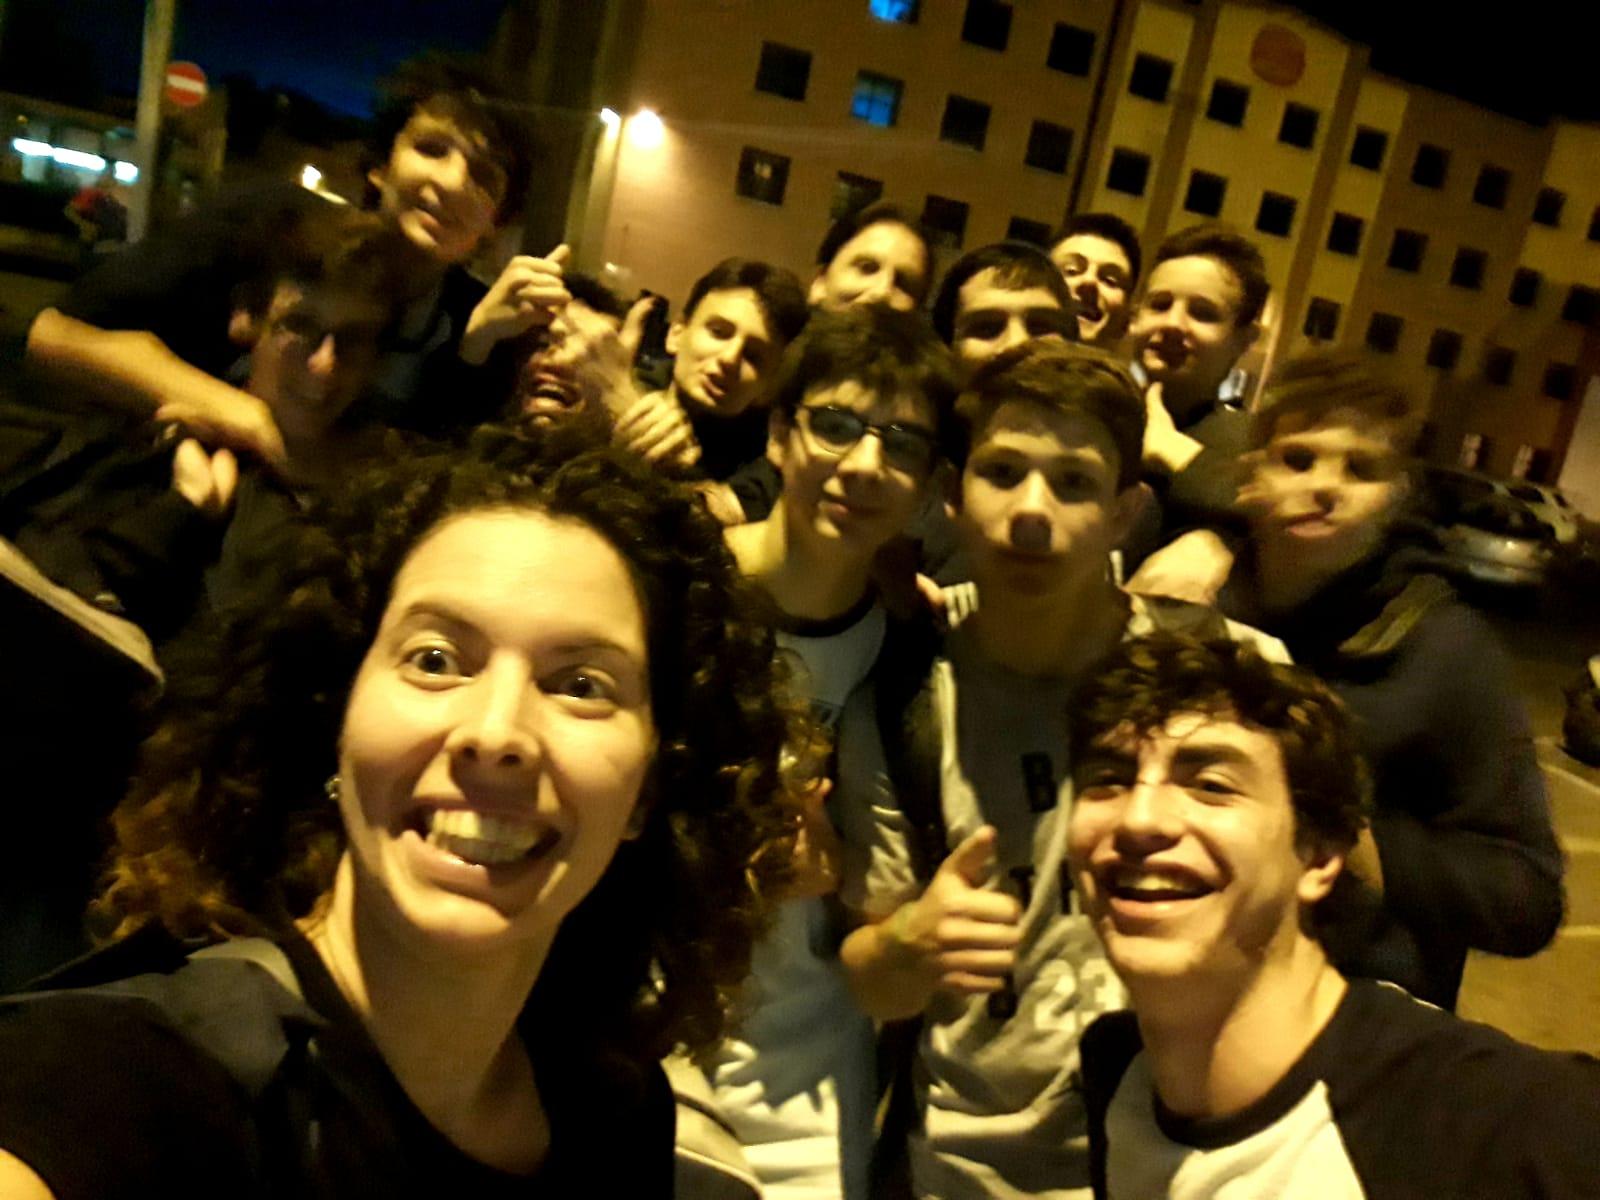 u16-bianca-eurocamp2